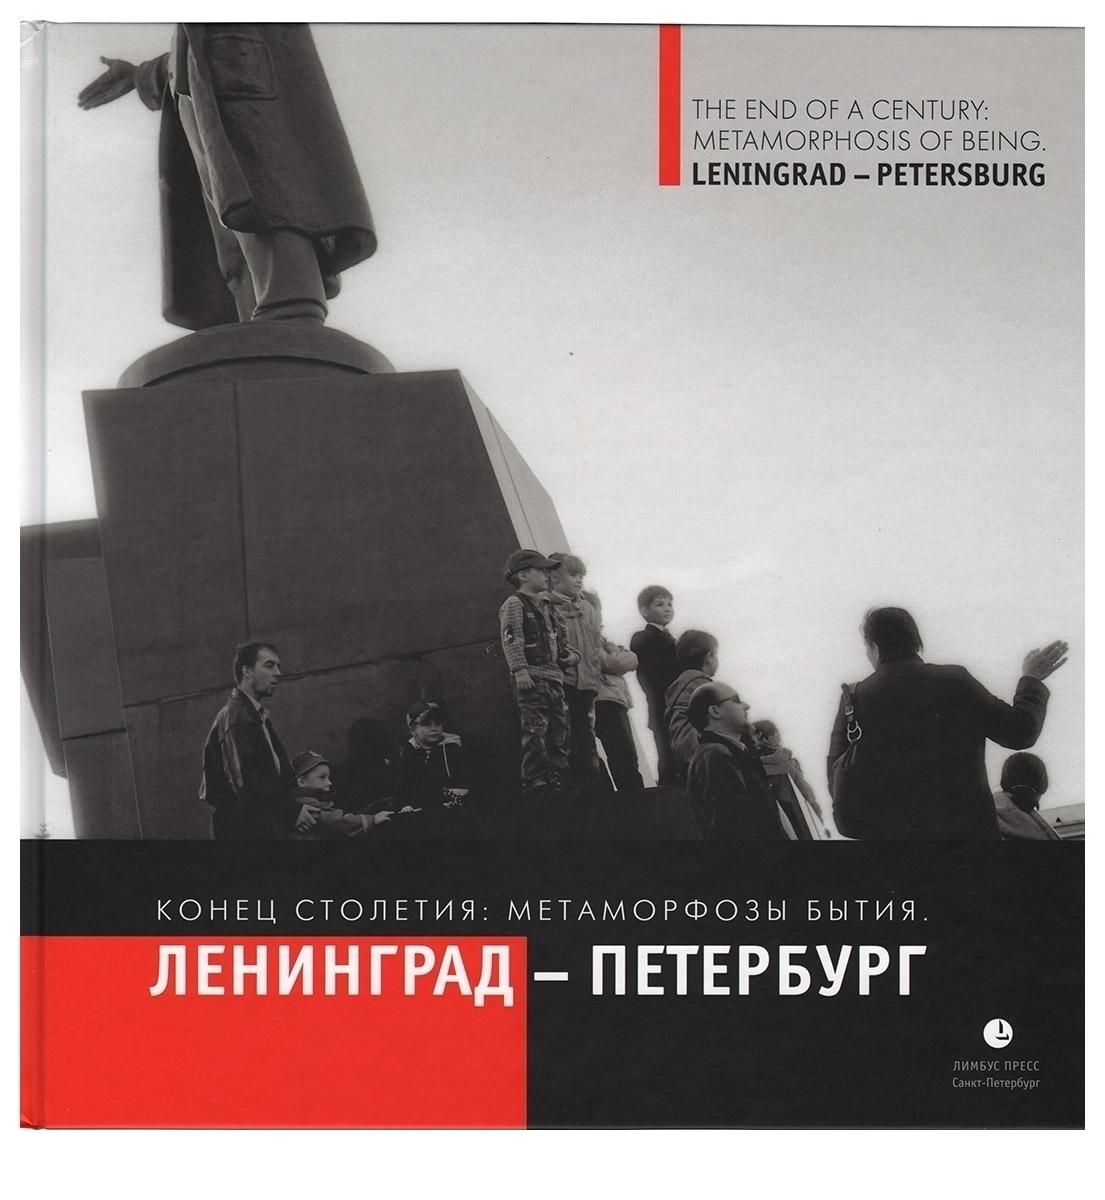 Конец столетия. Метаморфозы бытия. Ленинград-Петербург